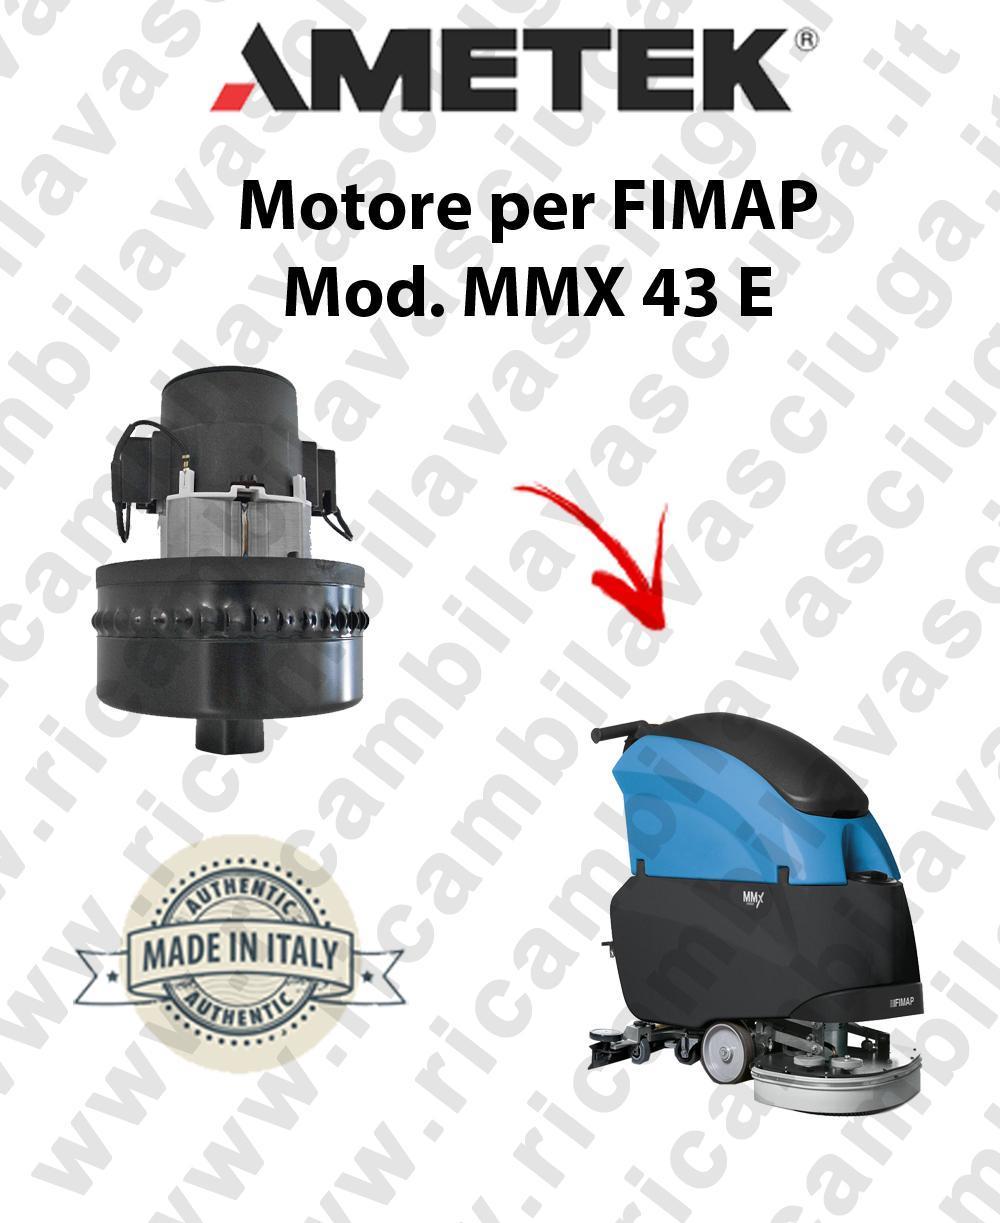 MMX 43 E moteur aspiration AMETEK autolaveuses FIMAP